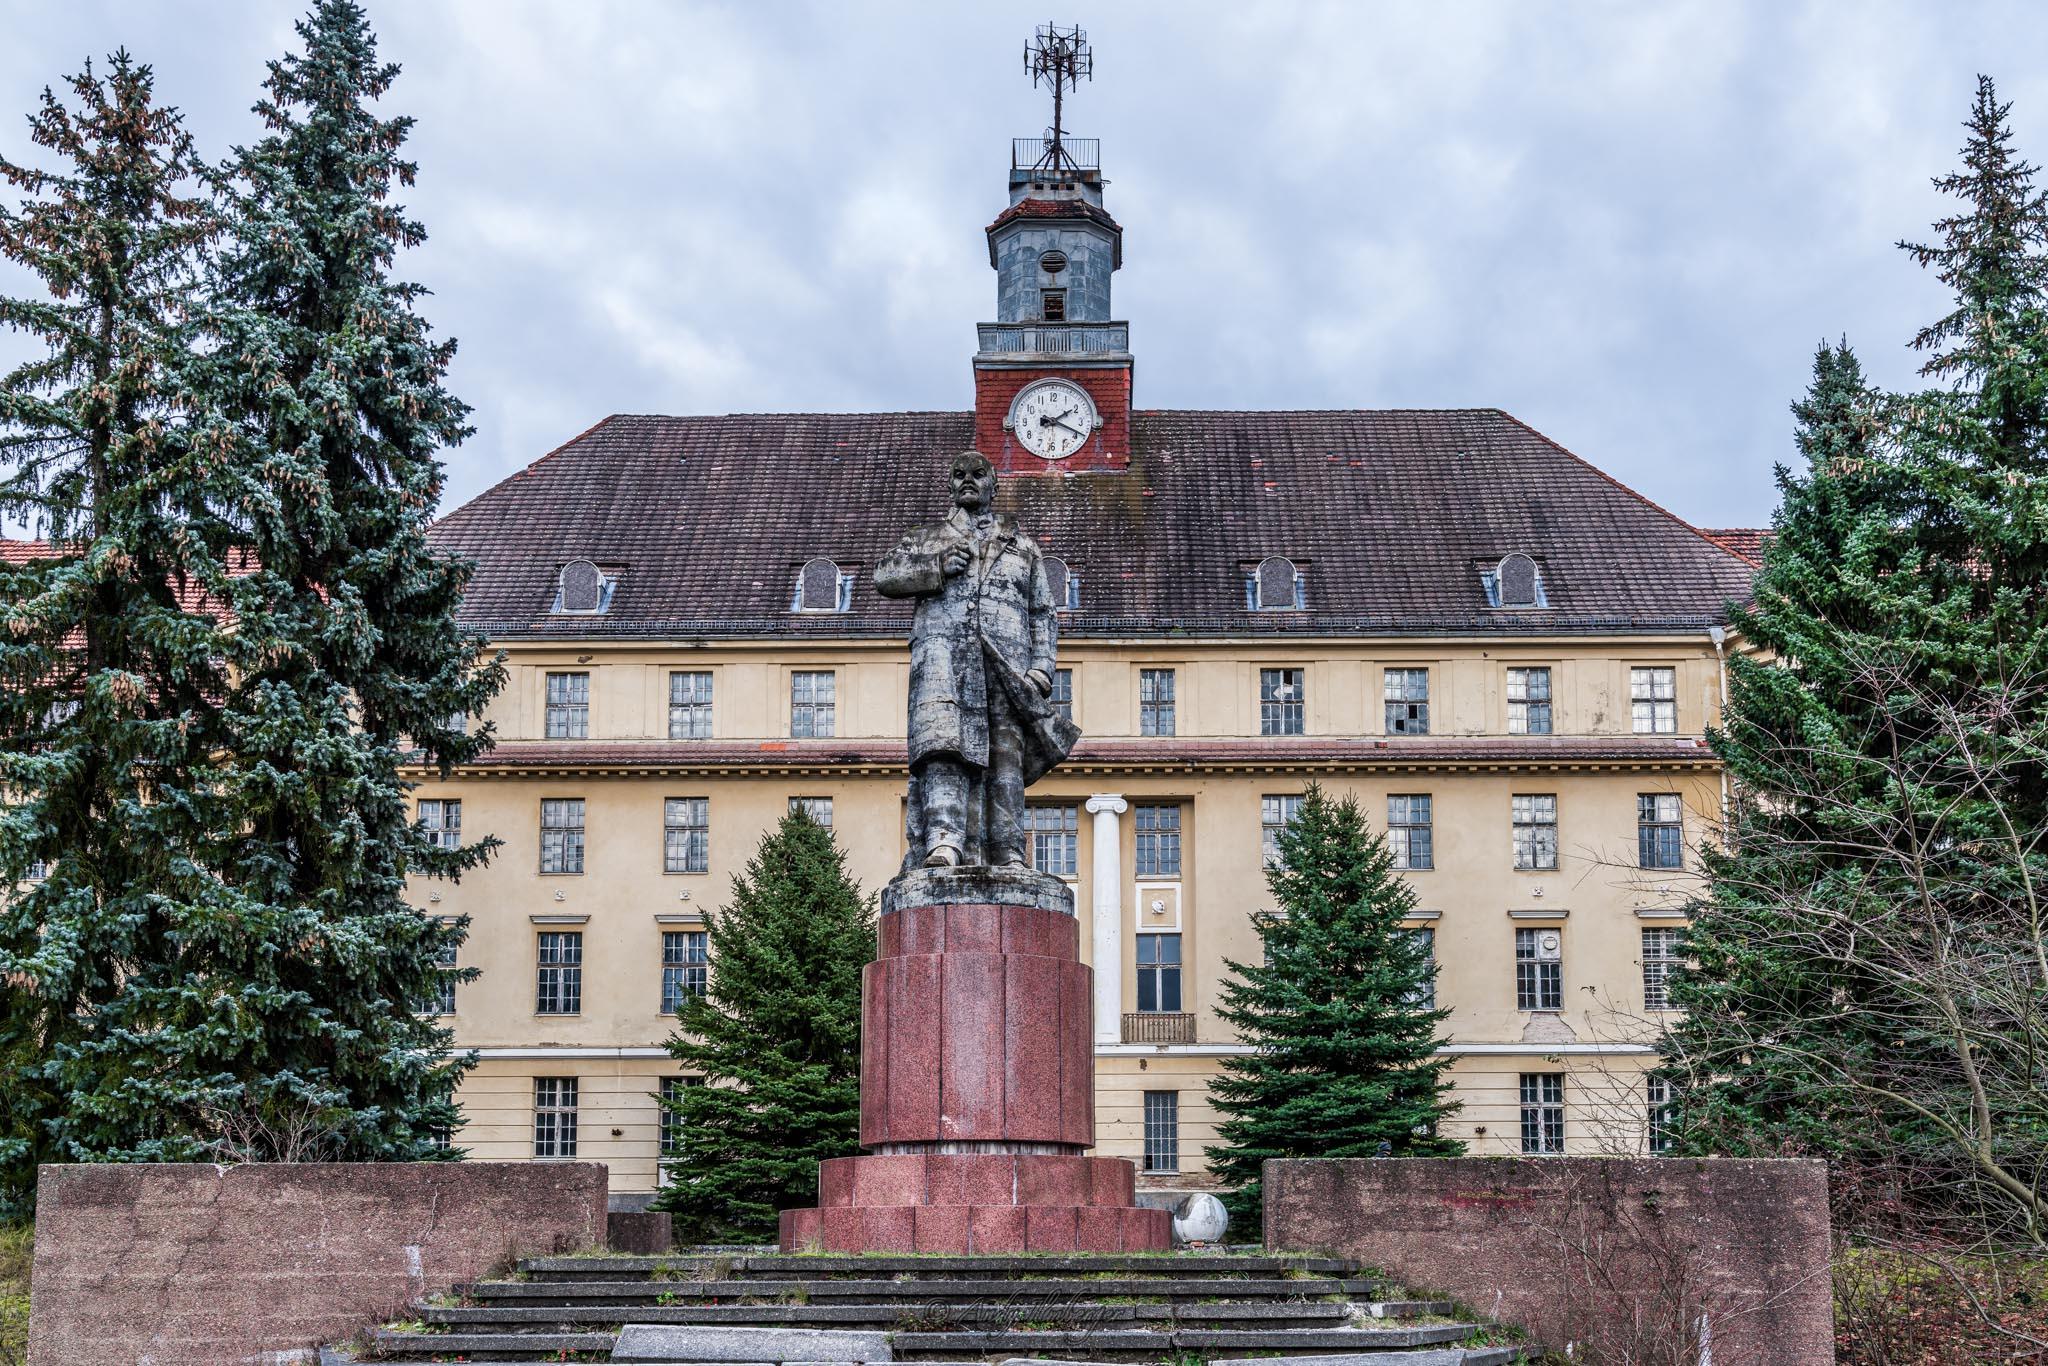 Lost Place Wünsdorf nahe Berlin – die Verbotene Stadt